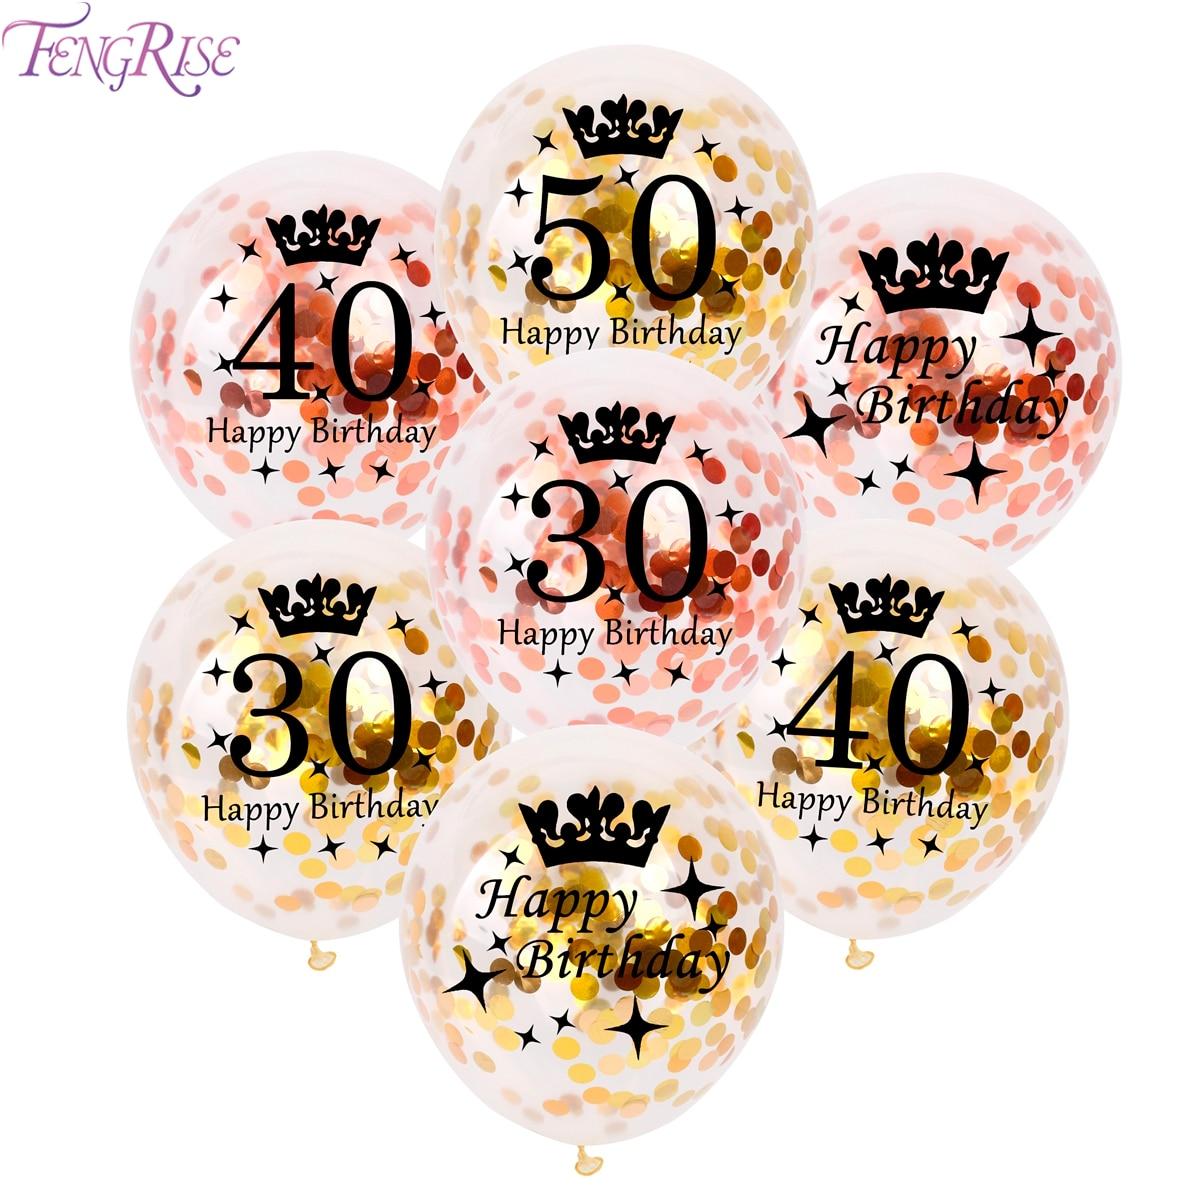 FENGRISE 12 հատ 10 հատ հատ վարդագույն ոսկե - Տոնական պարագաներ